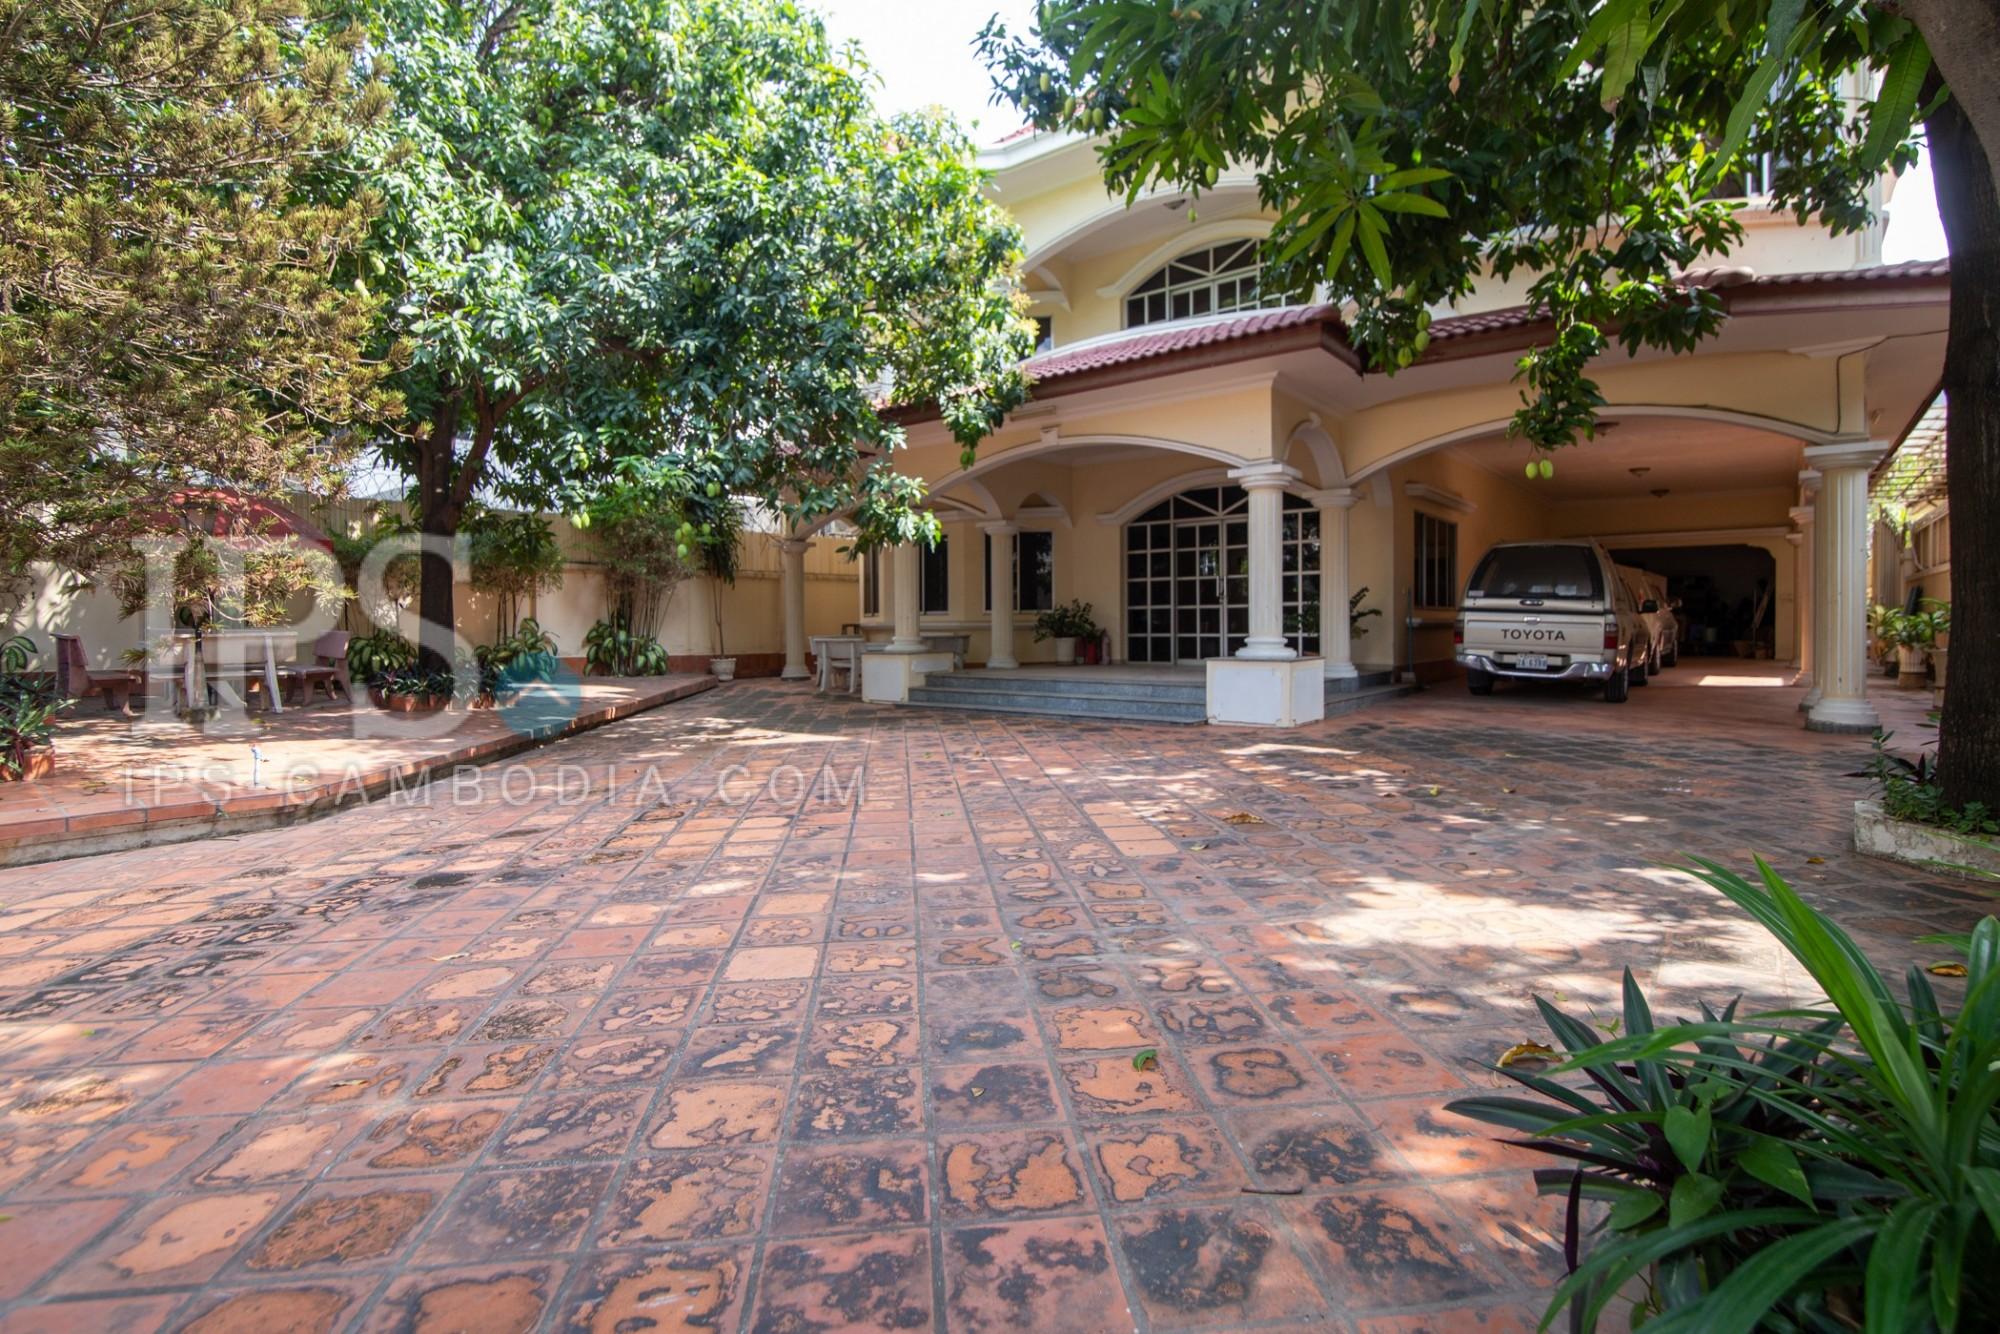 8 Bedroom Commercial Villa For Rent - BKK1, Phnom Penh